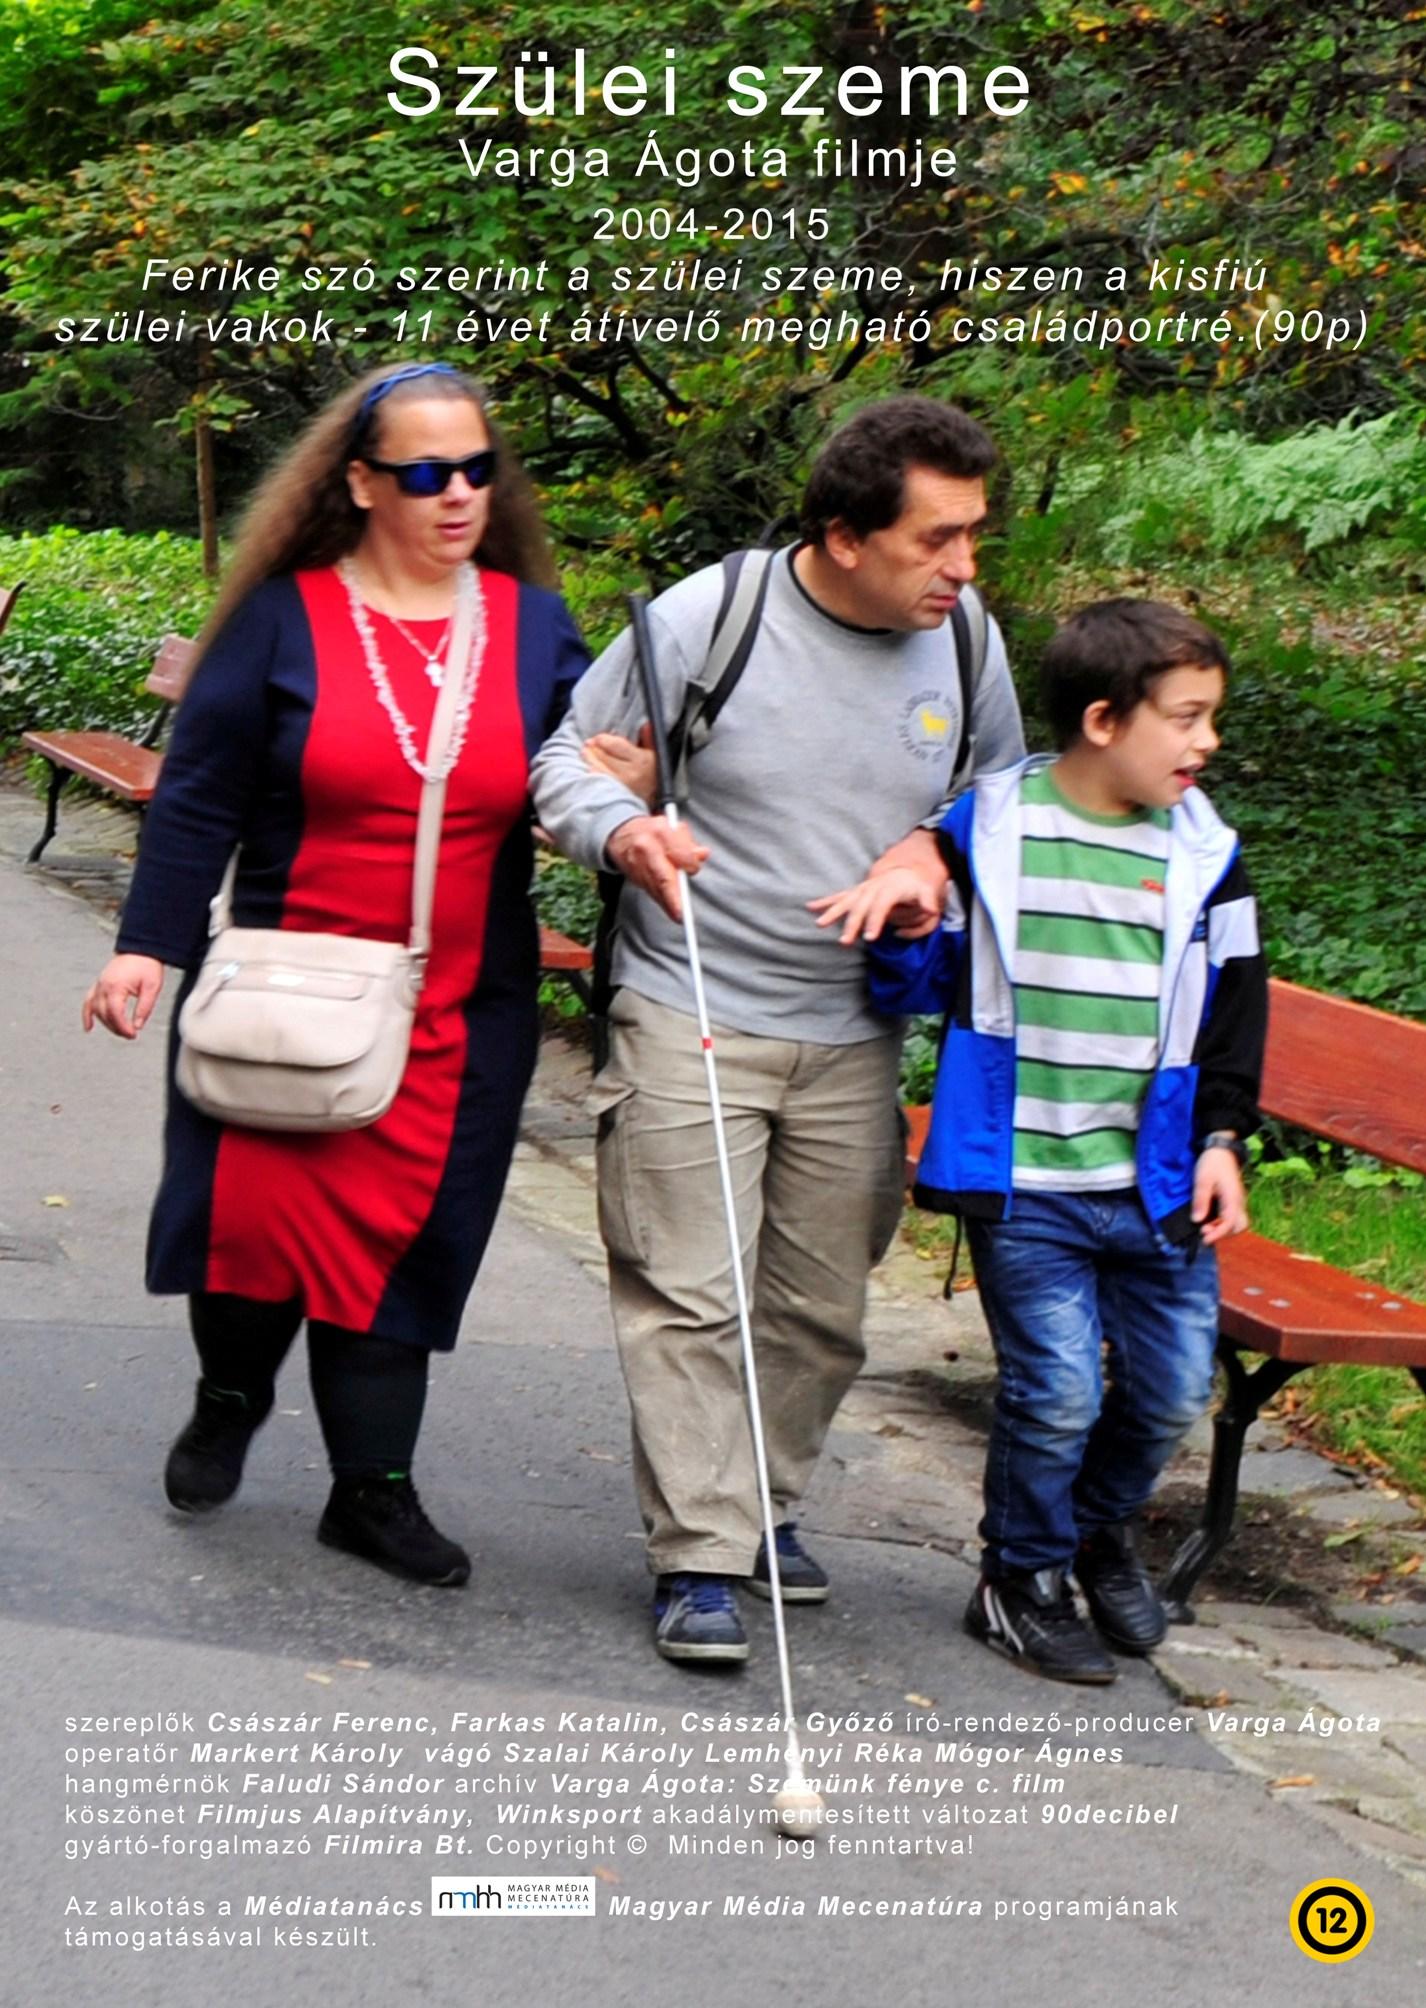 ÖSSZHANG: Szülei szeme (magyar felirattal)